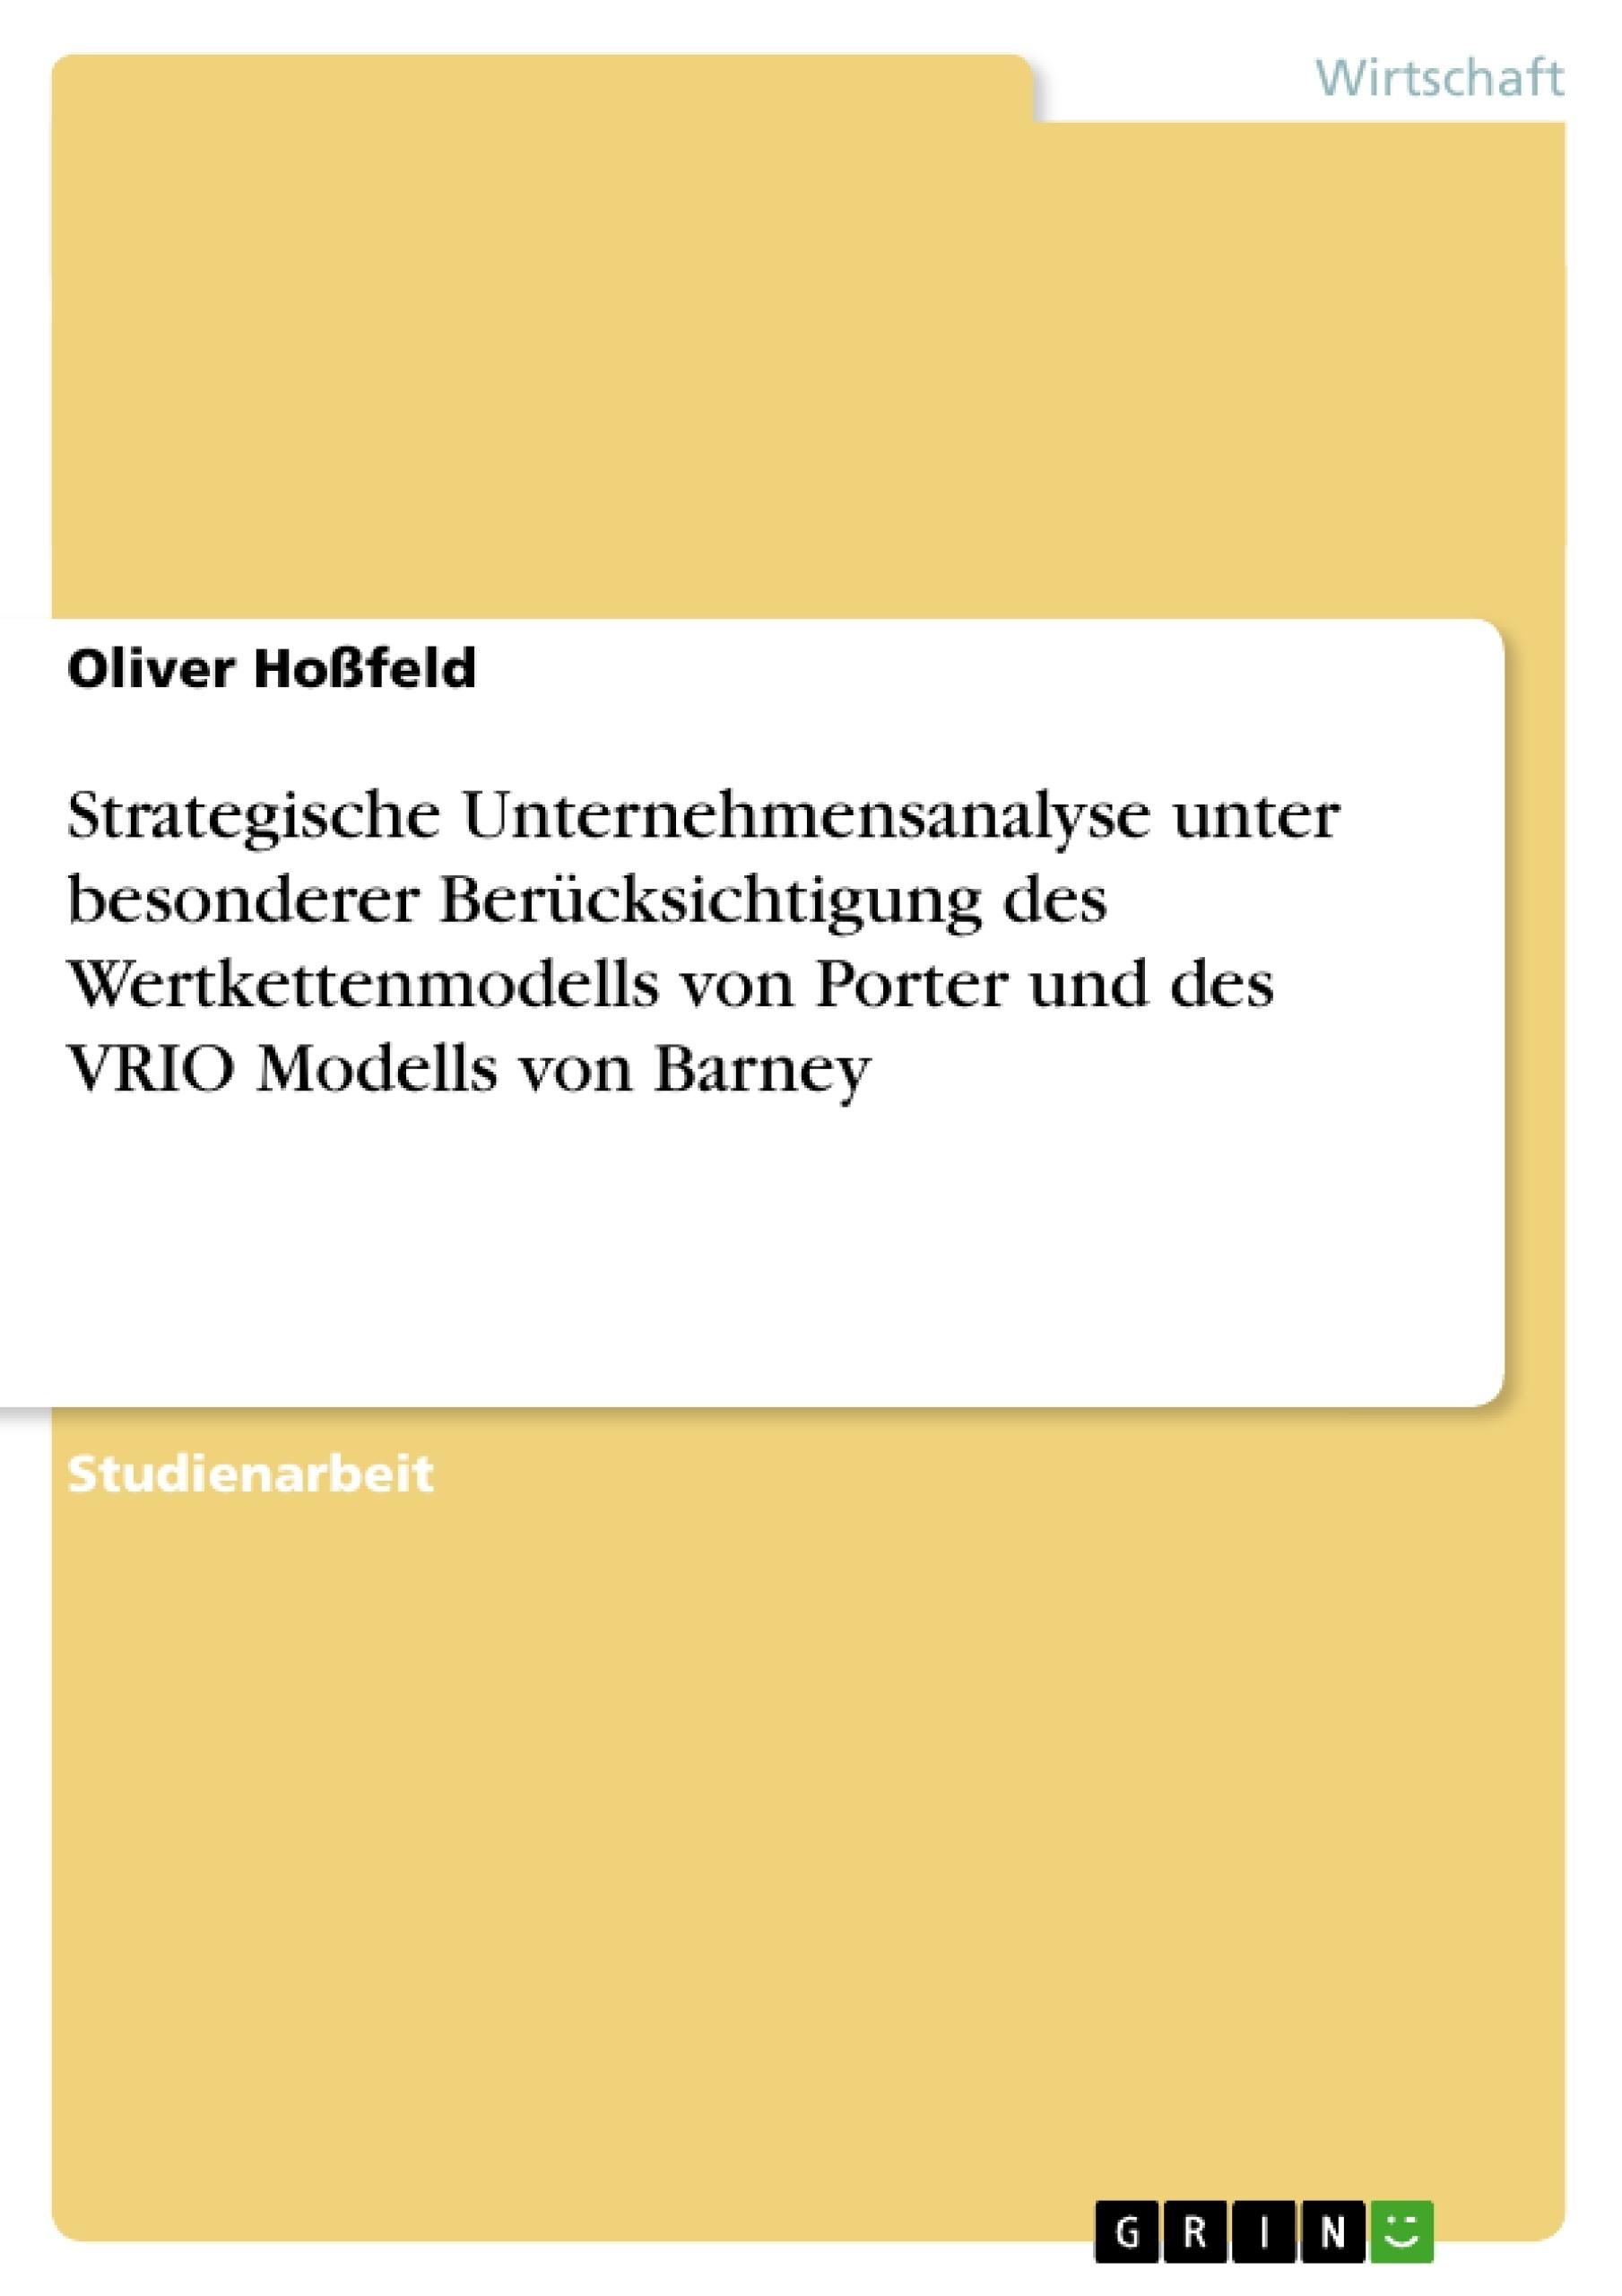 Titel: Strategische Unternehmensanalyse unter besonderer Berücksichtigung des Wertkettenmodells von Porter und des VRIO Modells von Barney